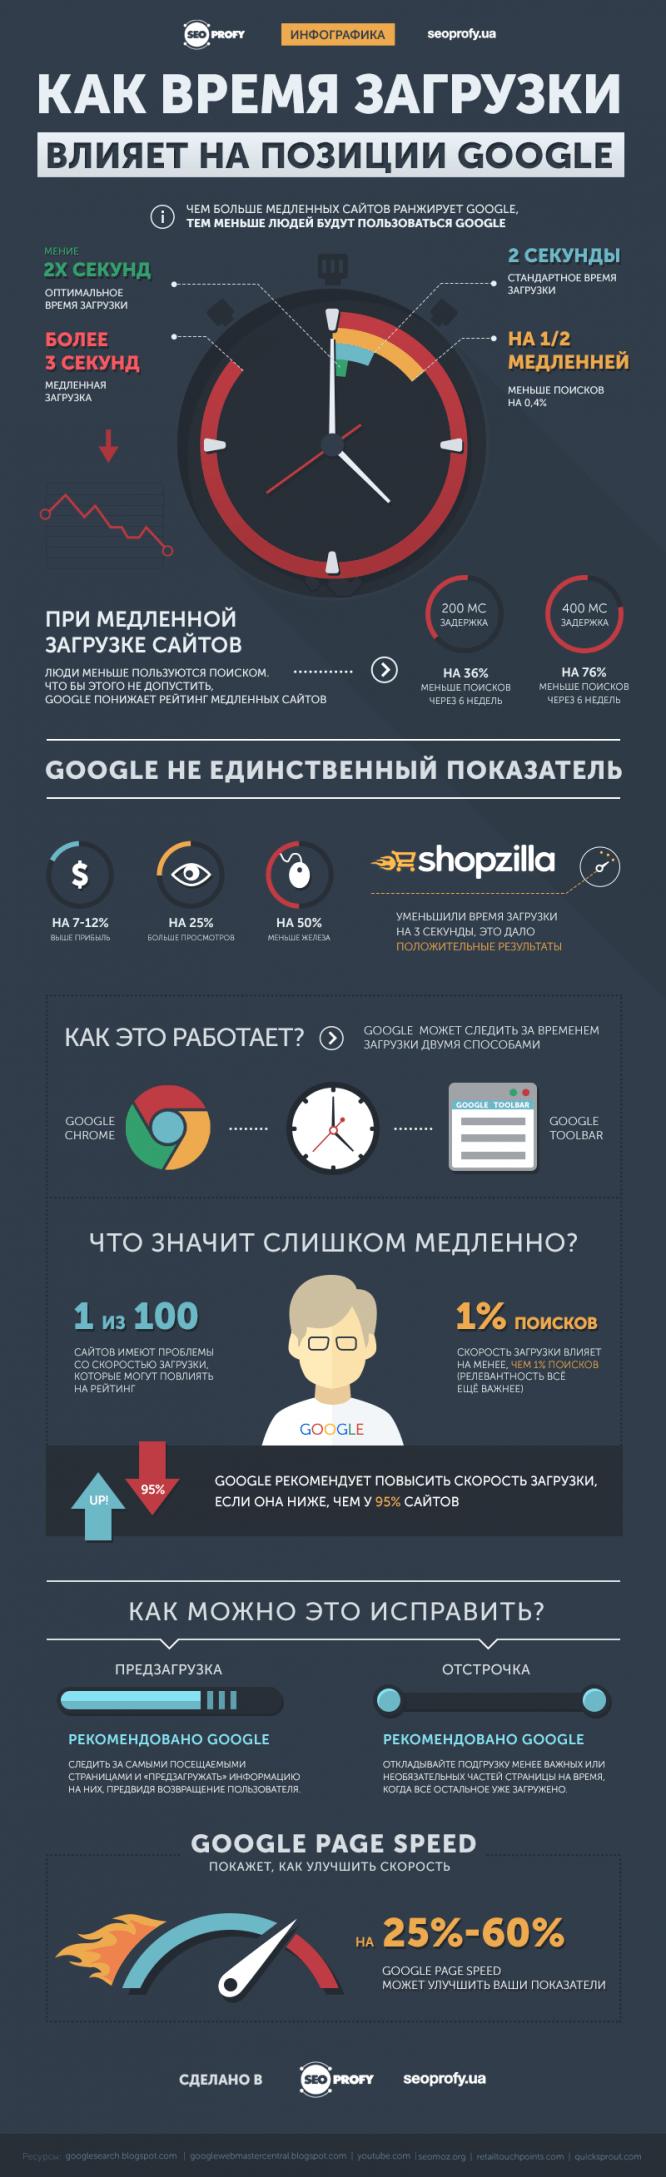 skorost-zagruzki-seoprofy-infographic